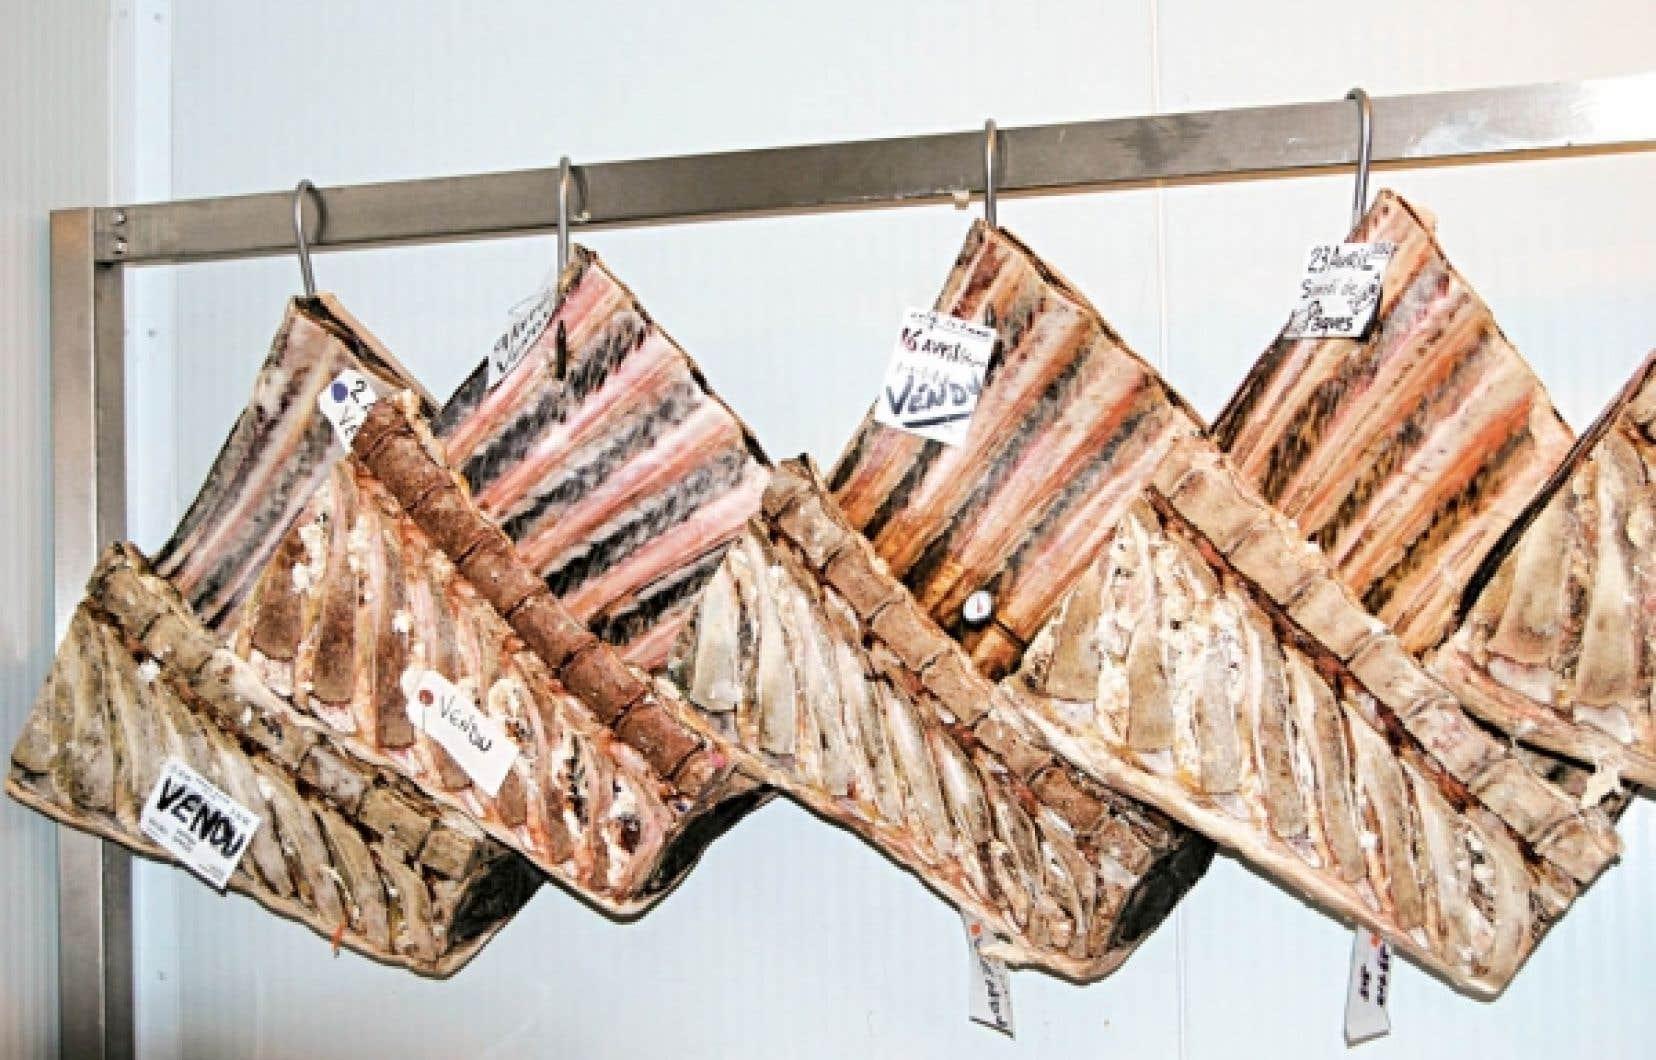 À la boucherie de Marc Bourg, la viande de bœuf est vieillie à sec durant un minimum de 40 jours alors que le bœuf commercial vieillit seulement 21 jours.